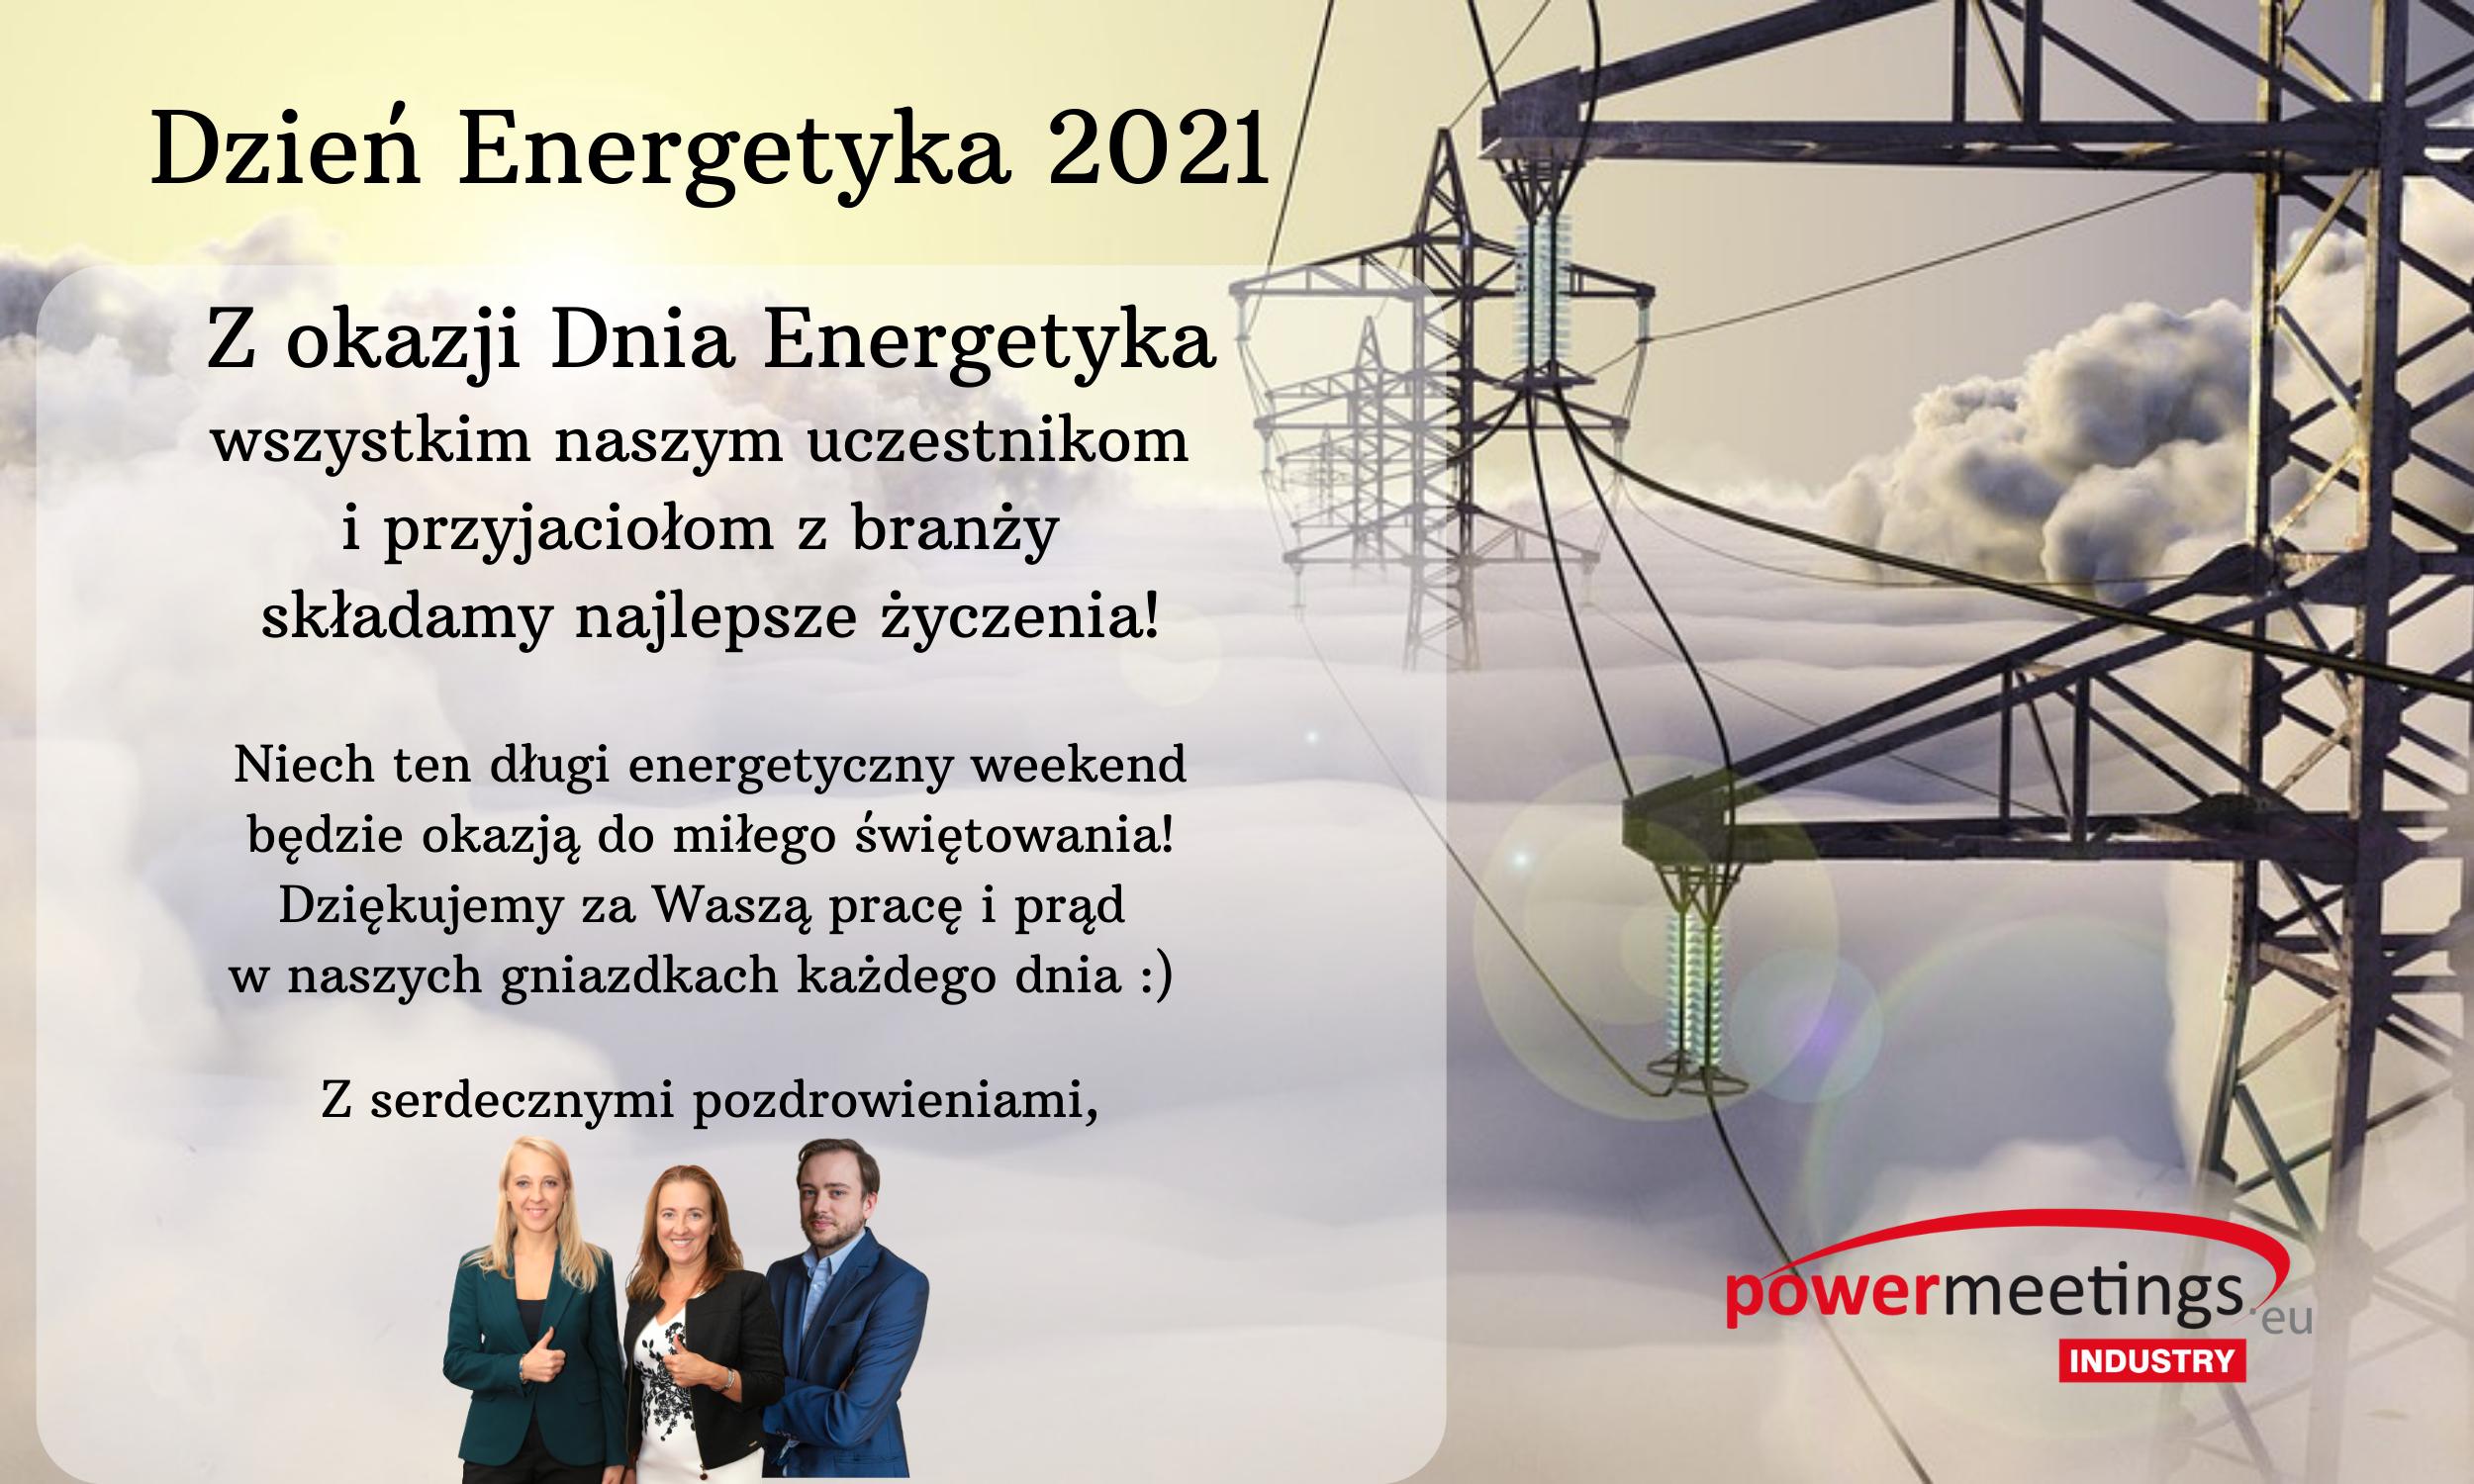 Najlepsze życzenia na Dzień Energetyka od powermeetings.eu!